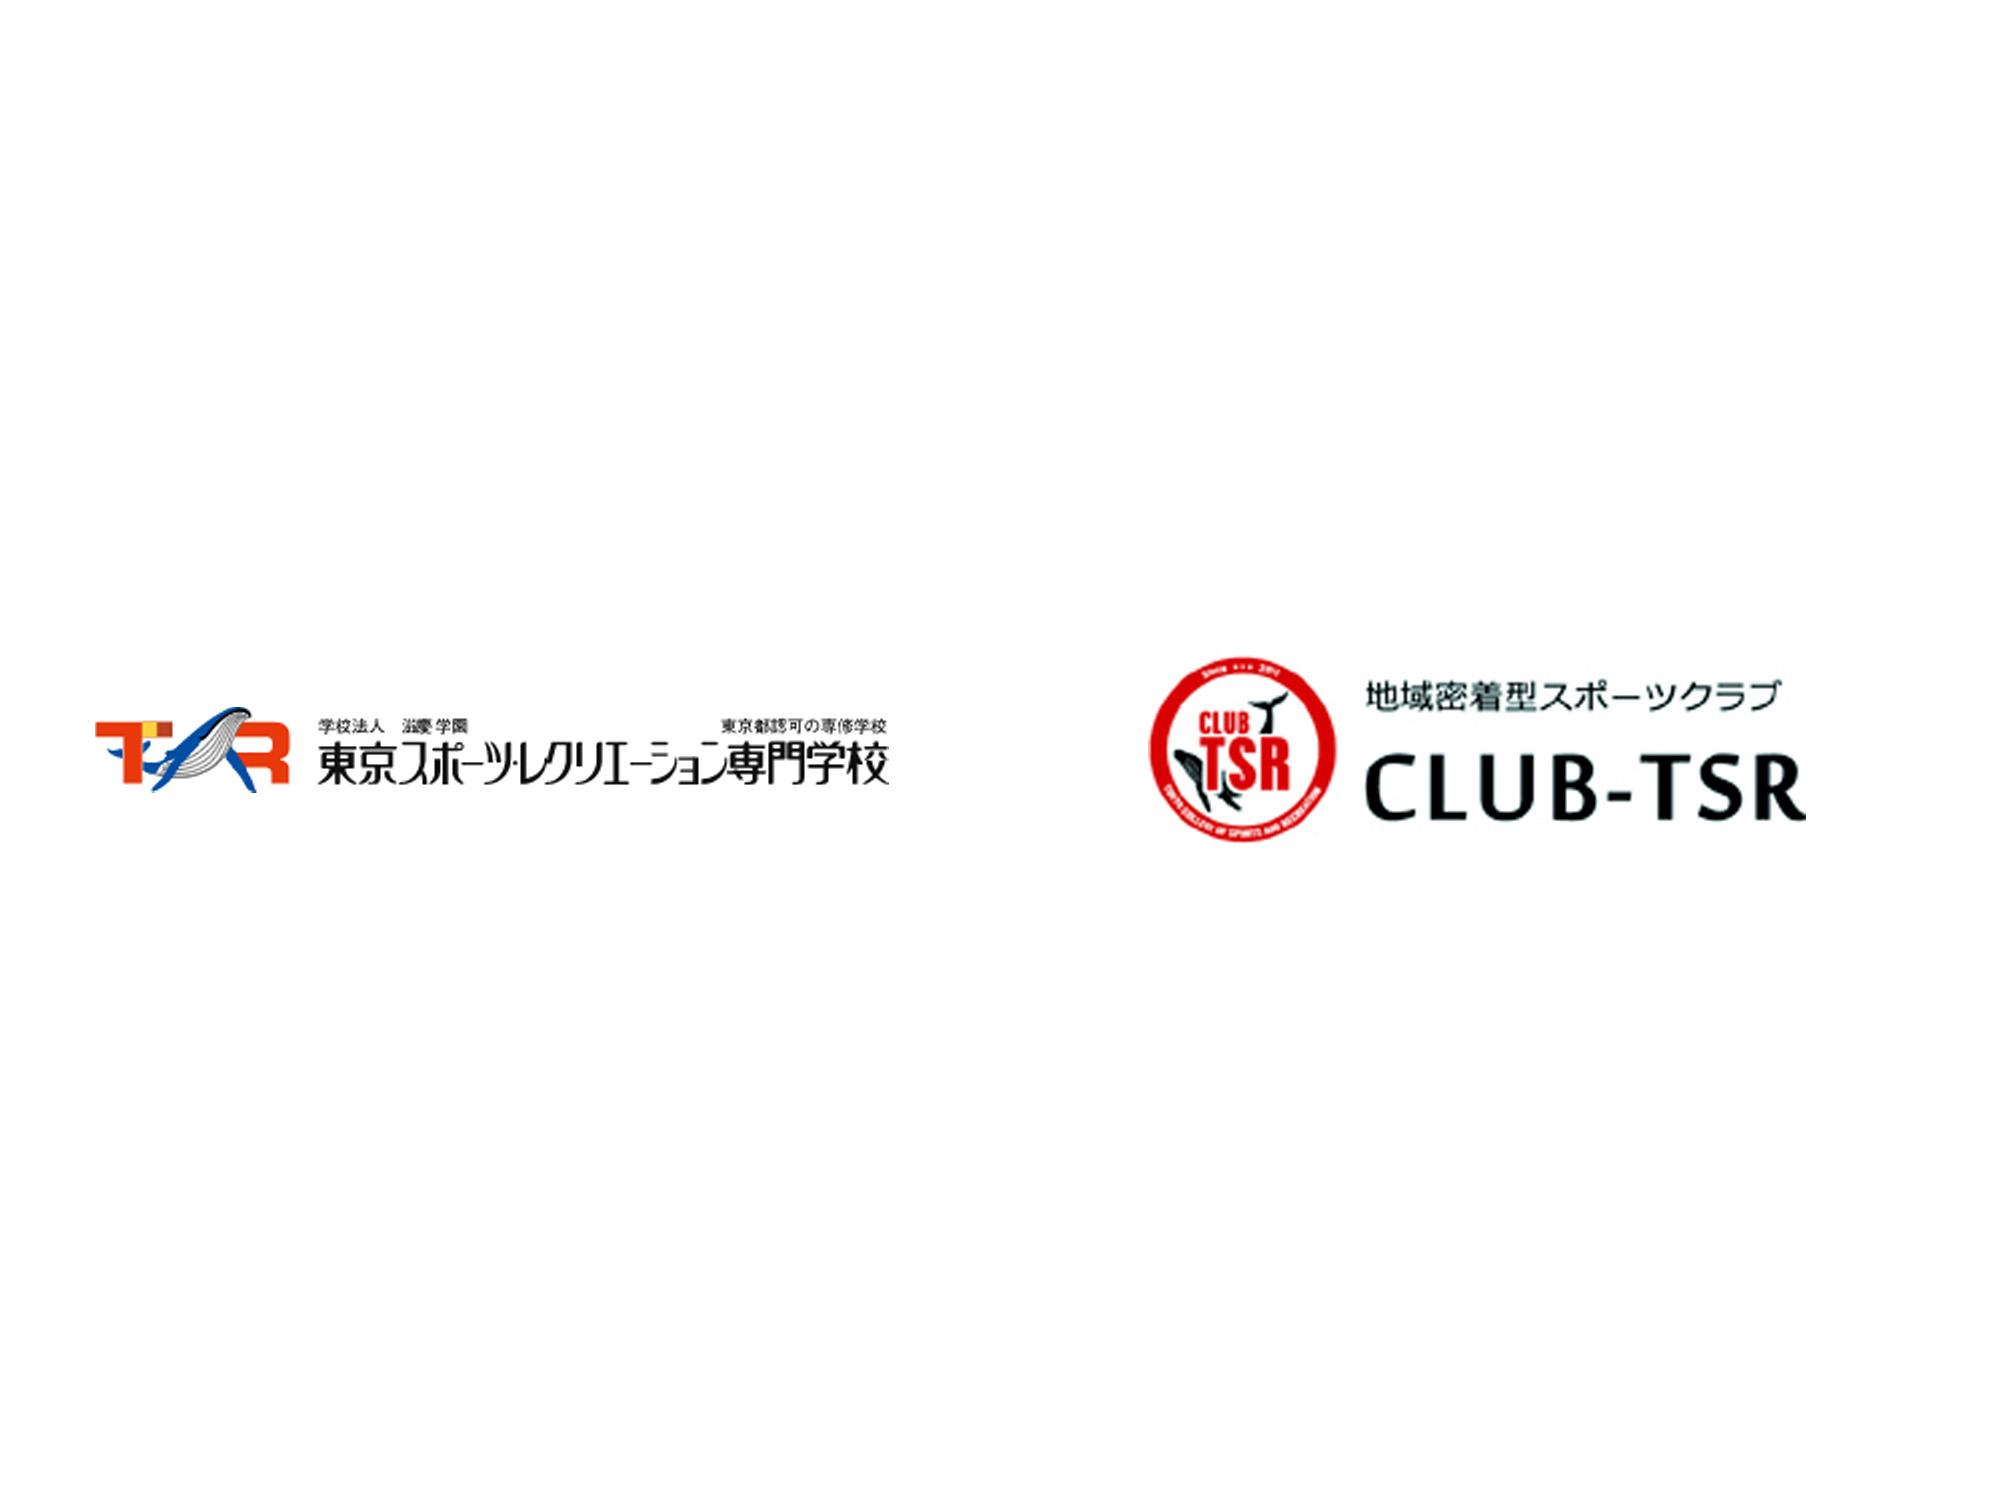 東京スポーツ・レクリエーション専門学校/CLUB-TSR